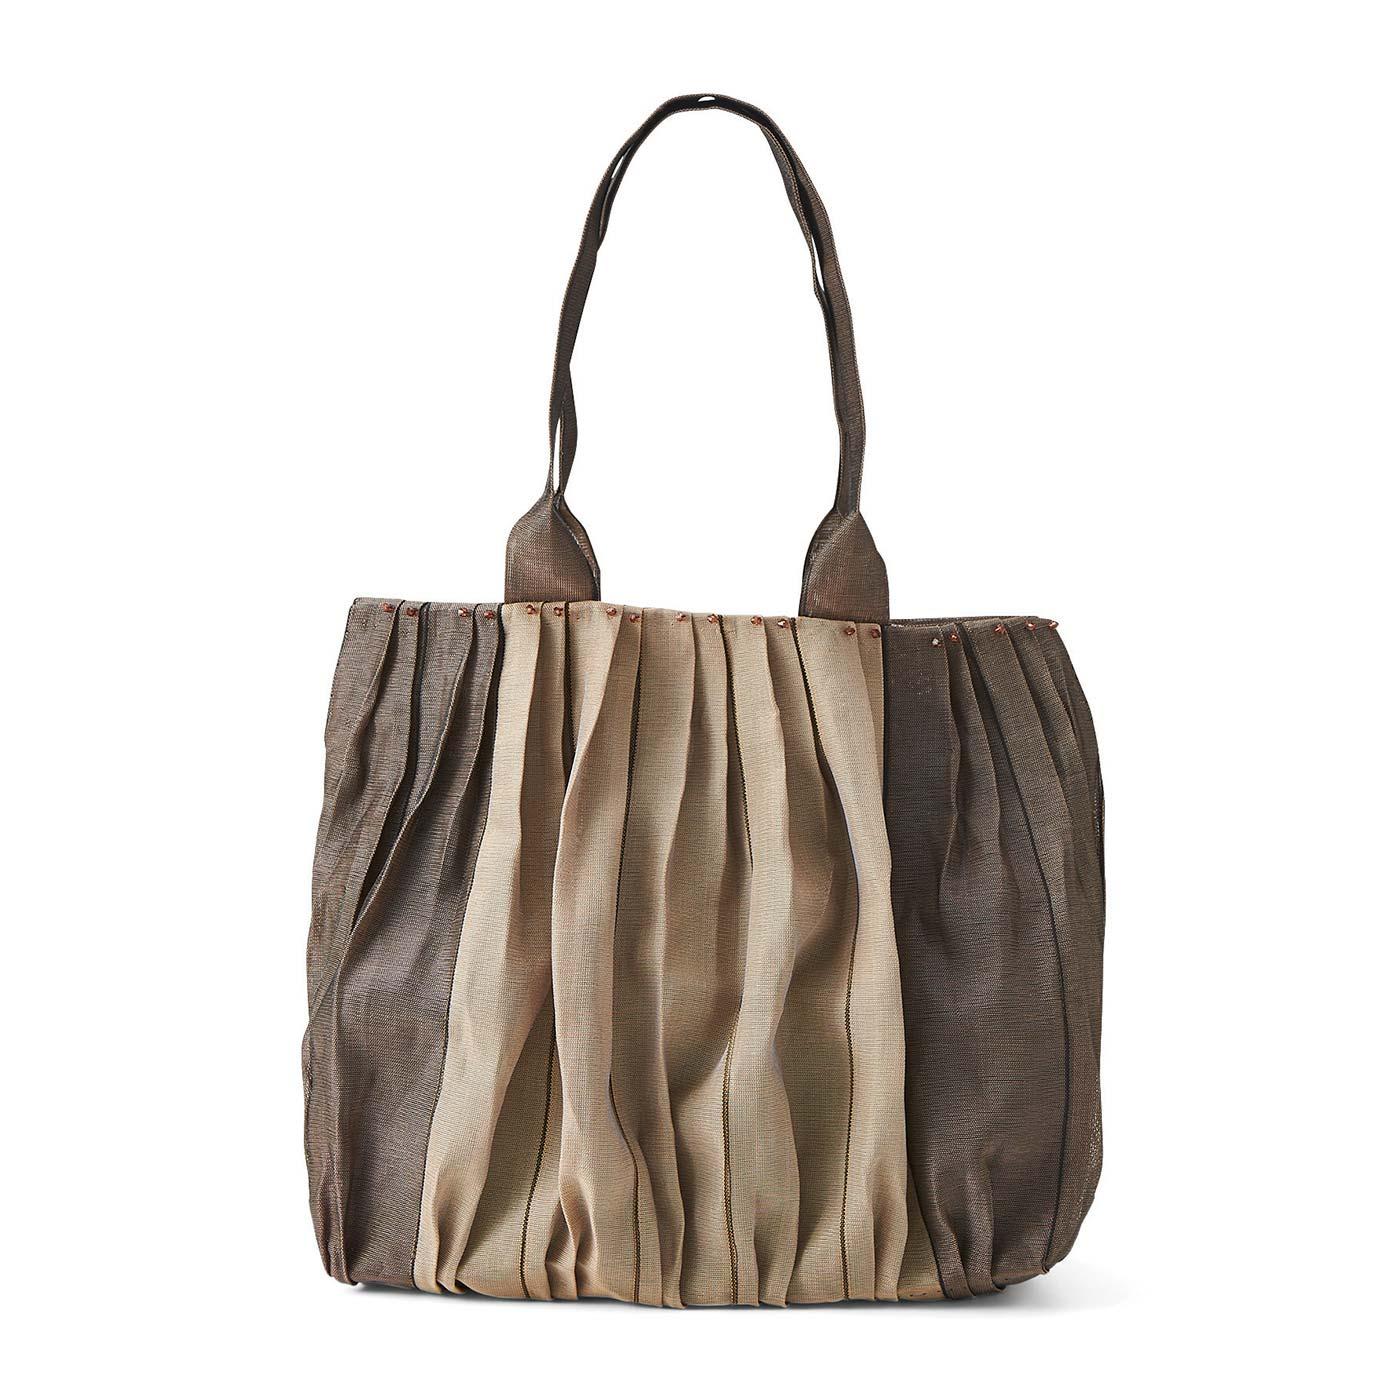 枇杷茶(びわちゃ)色の横型トートバッグ 縦約26cm、横約32cm、まち幅約11cm